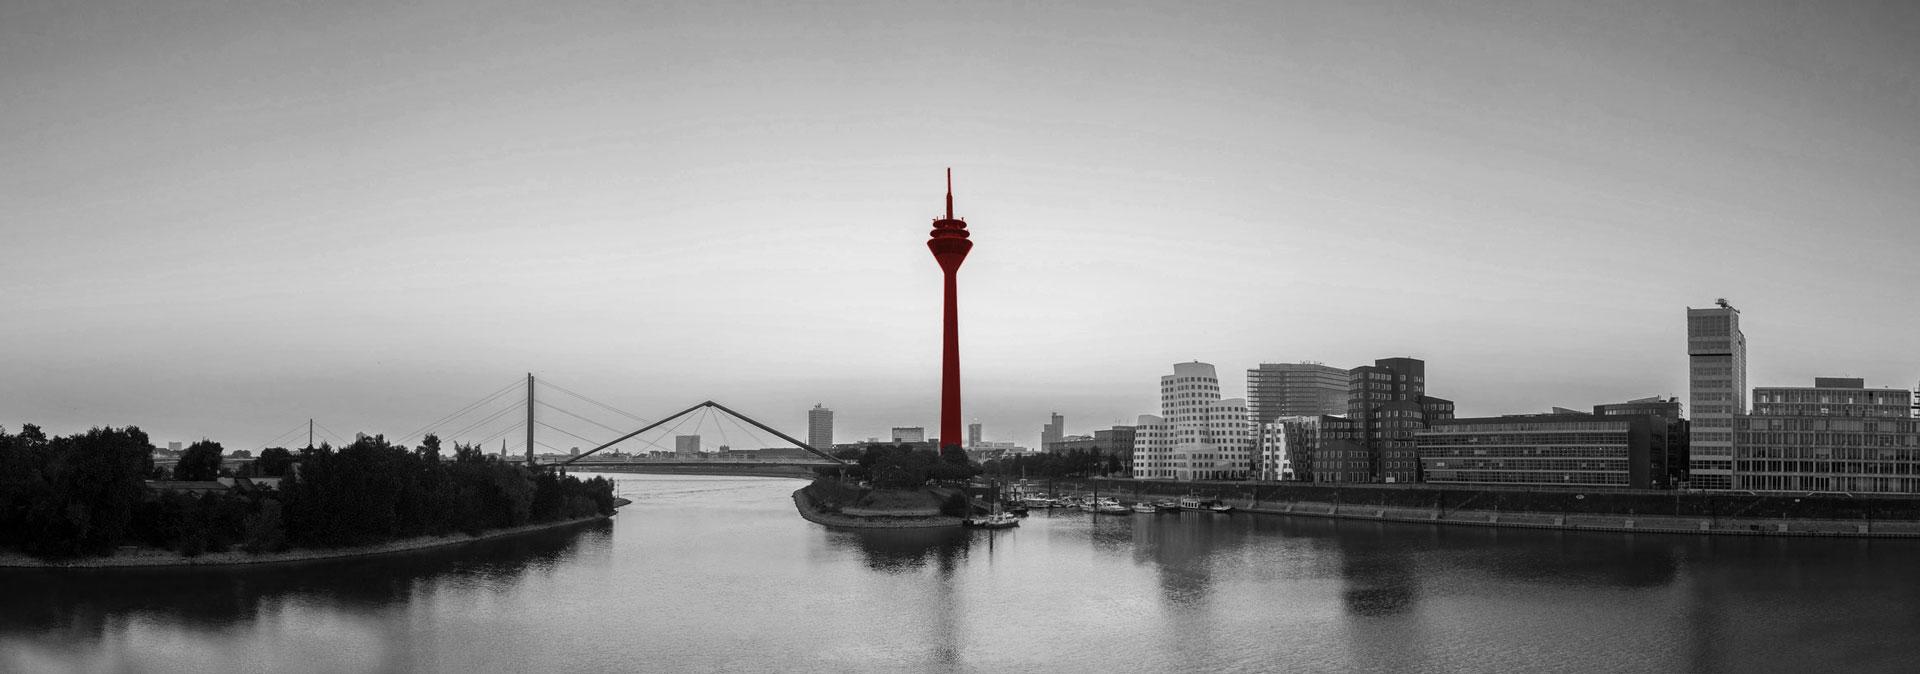 Datenschutzerklärung Düsseldorf